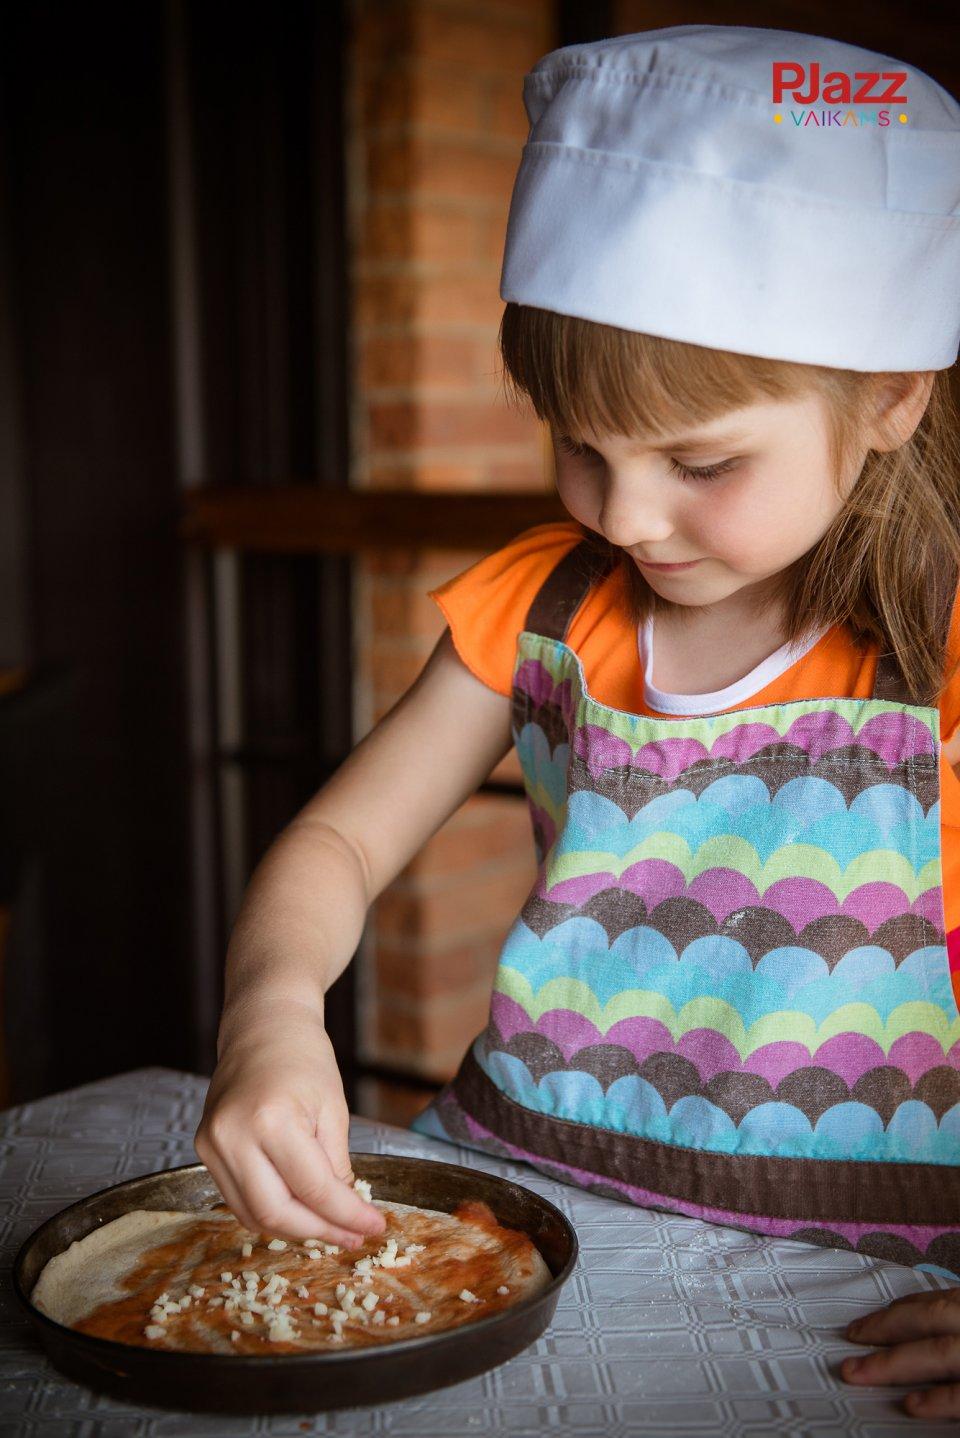 kulinarinis gimtadienis PJAZZ 4